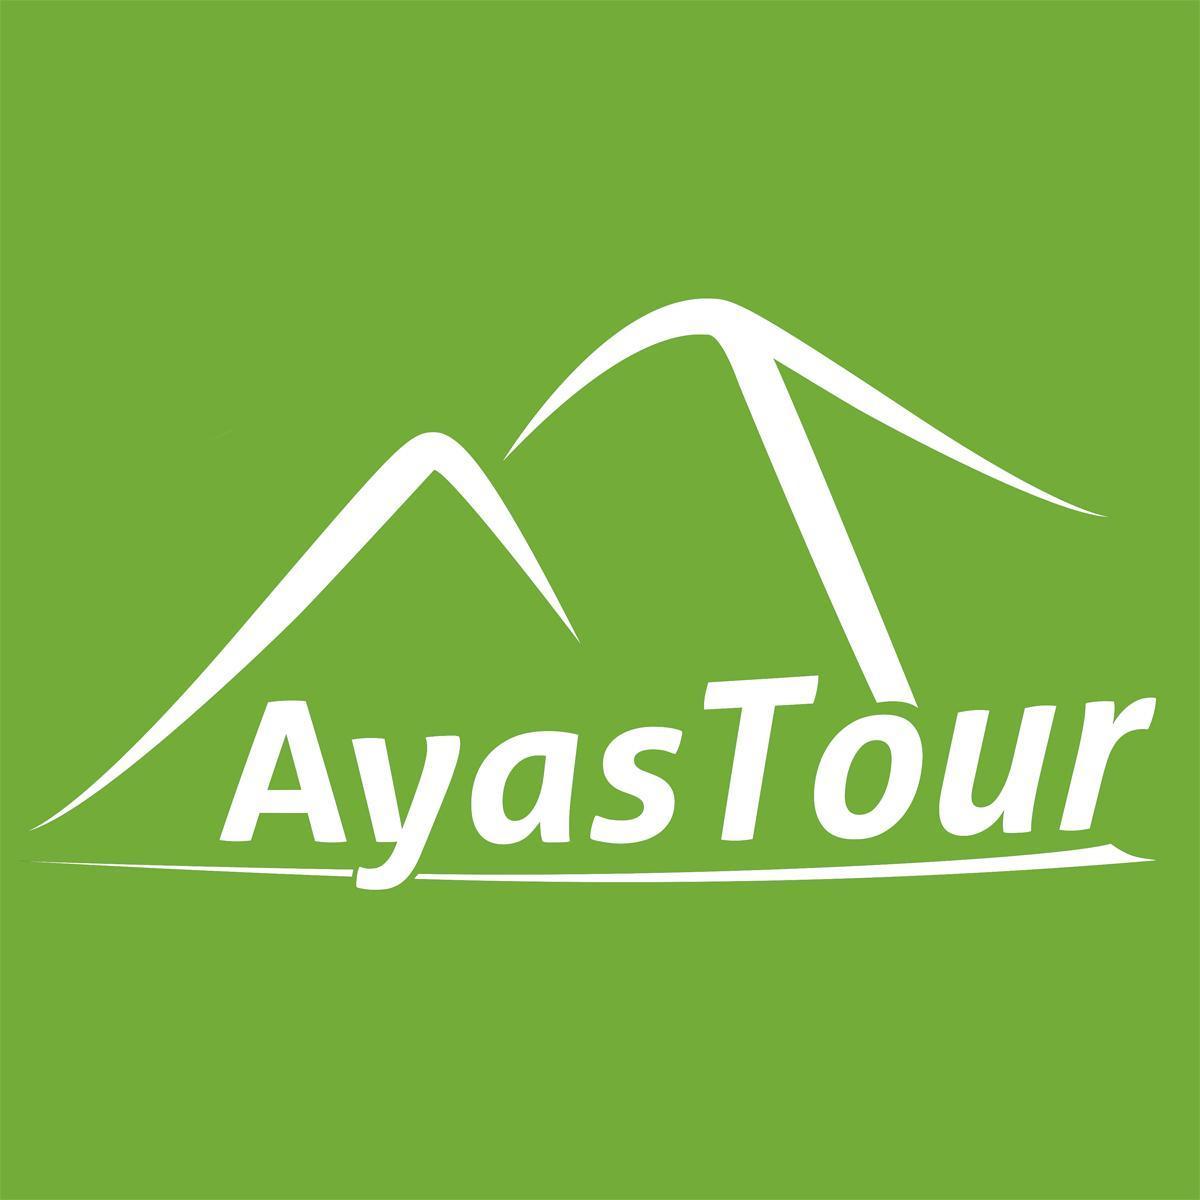 @AyasTour